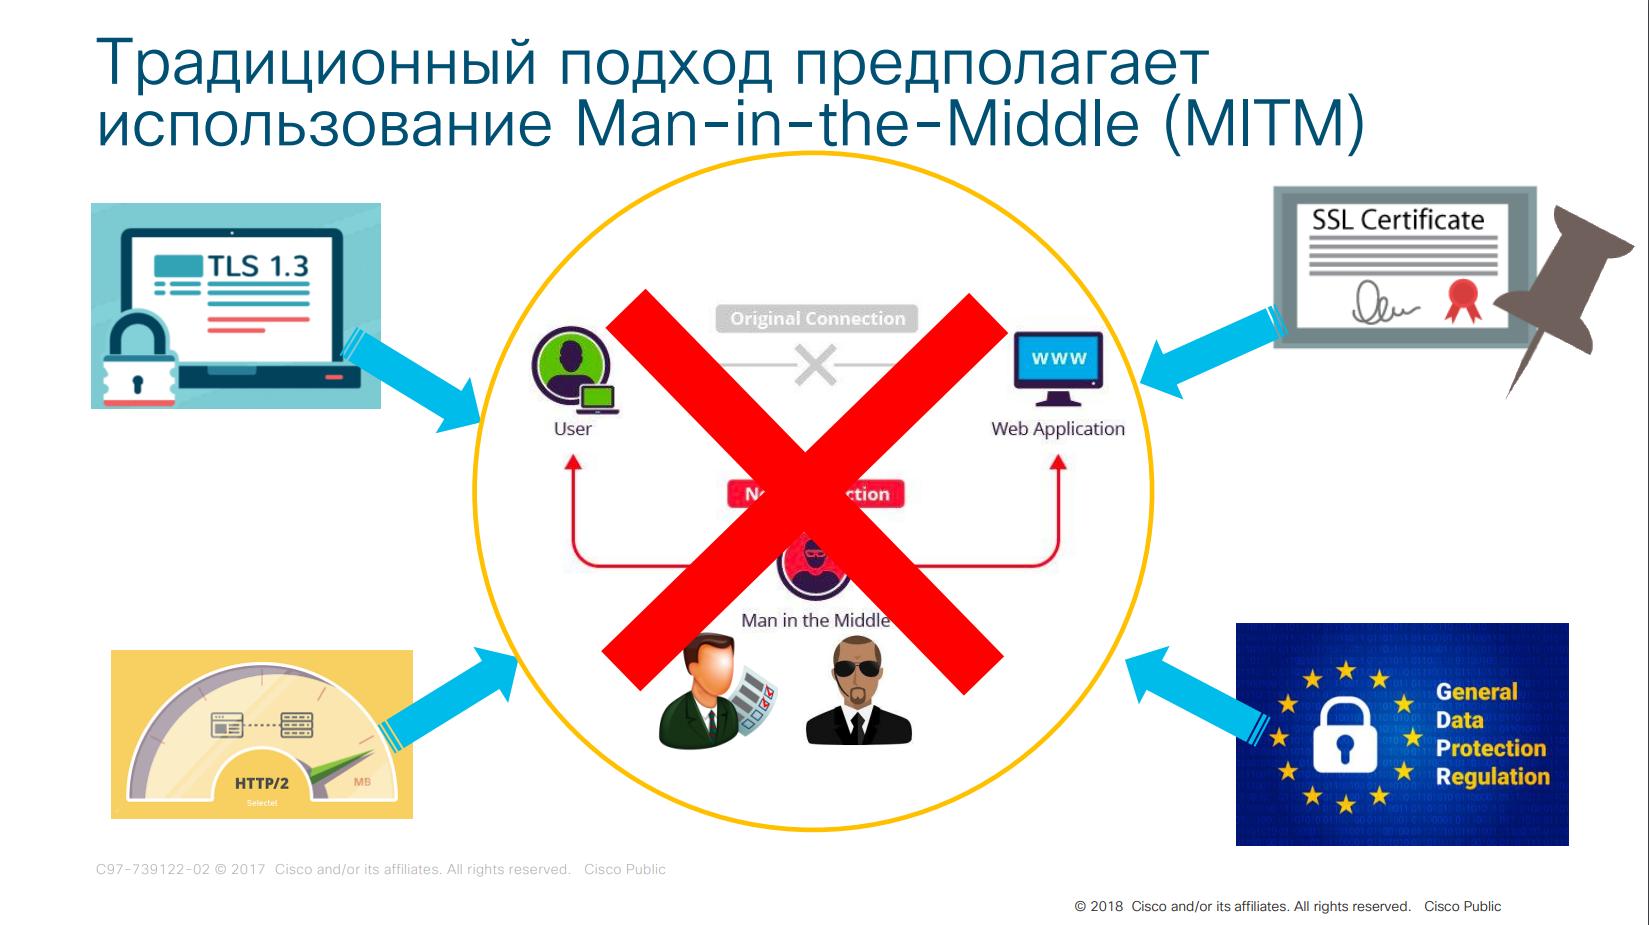 Устаревшая концепция Man-in-the-Middle